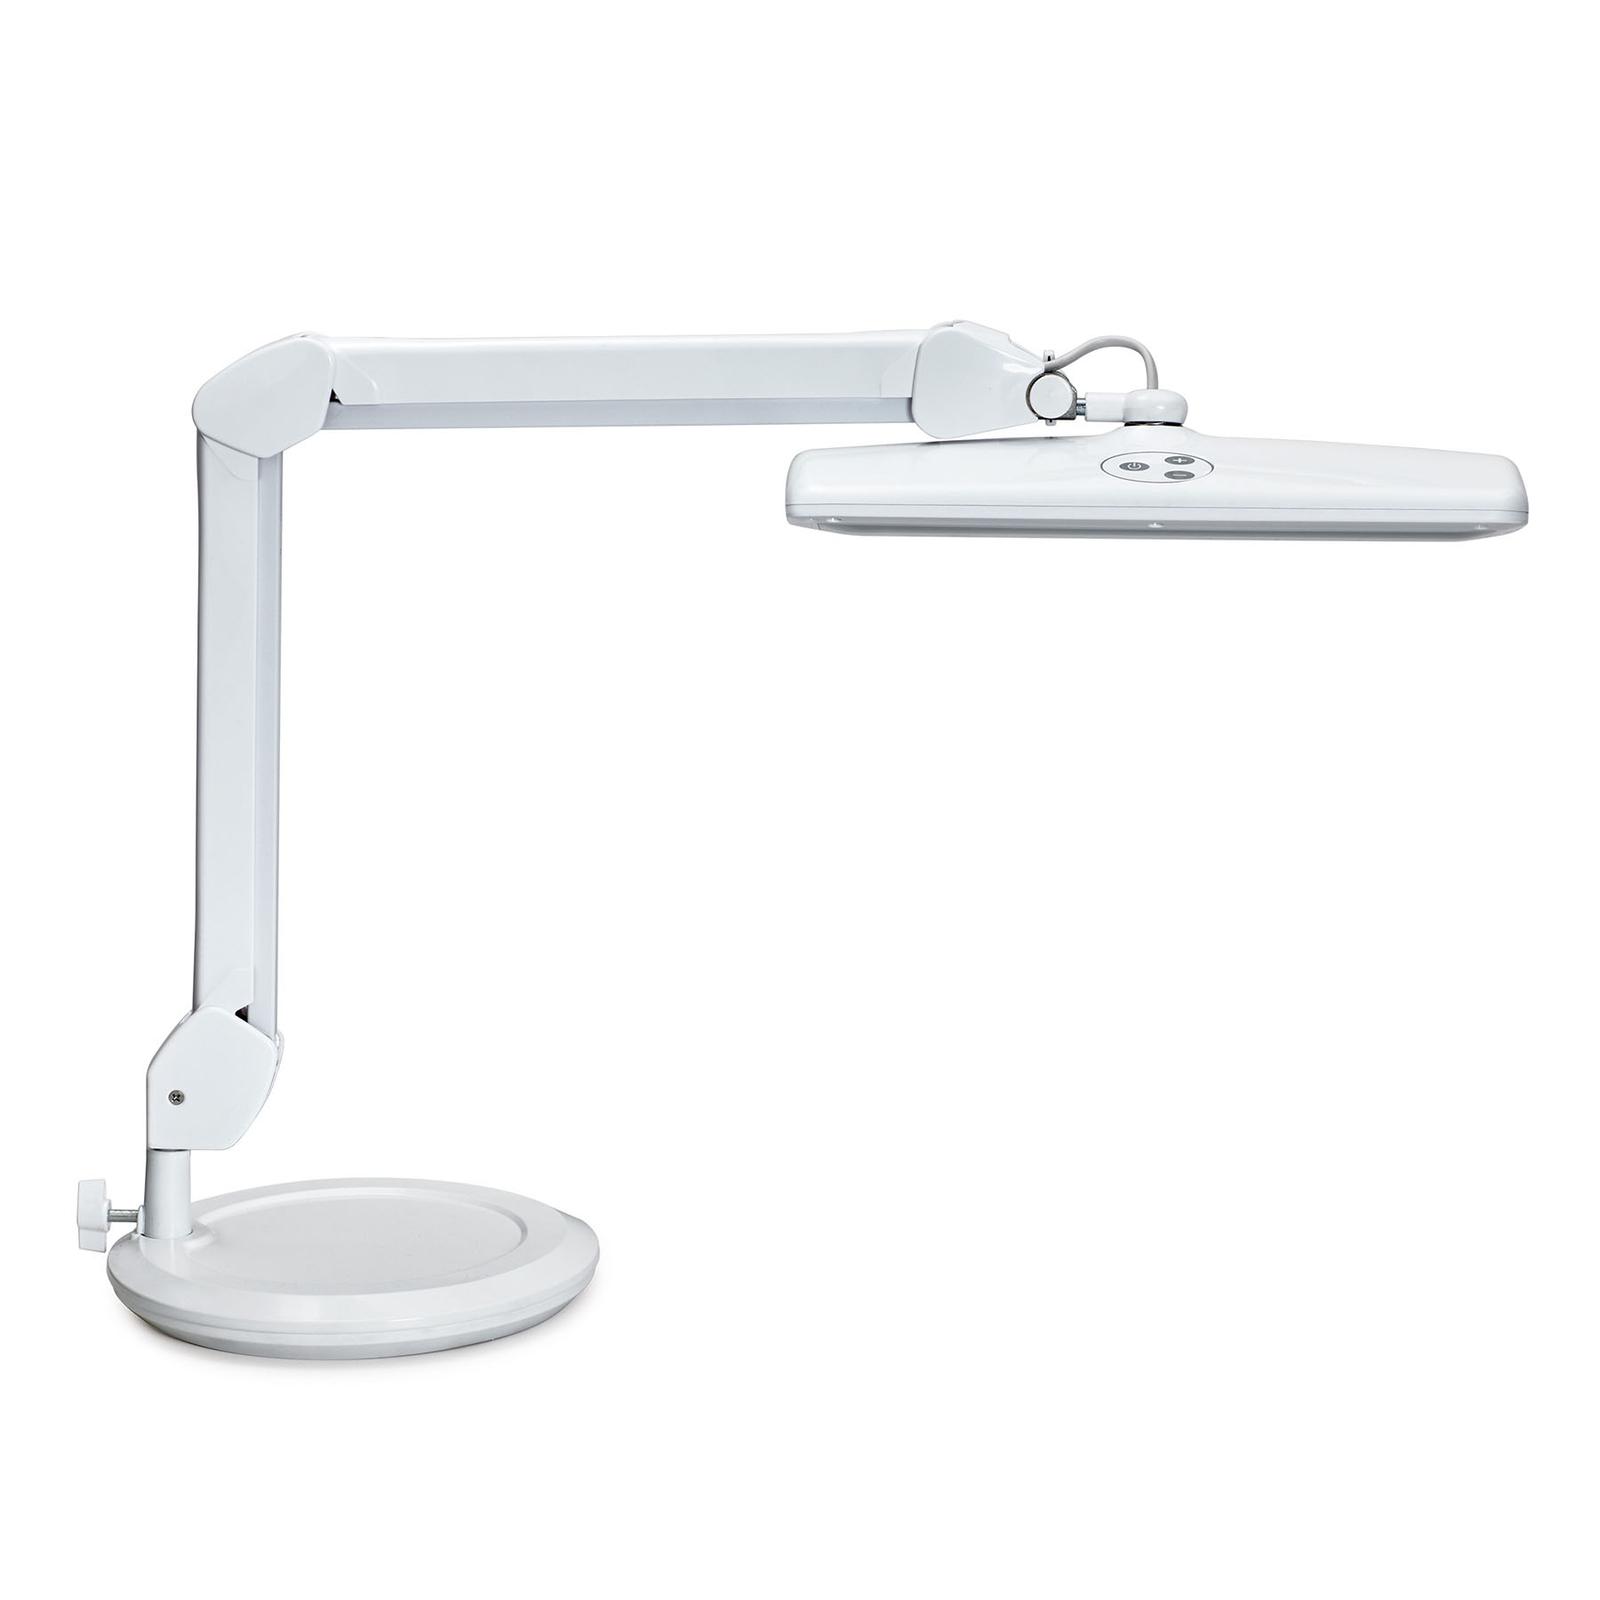 MAULintro LED-arbejdsstationslys med base